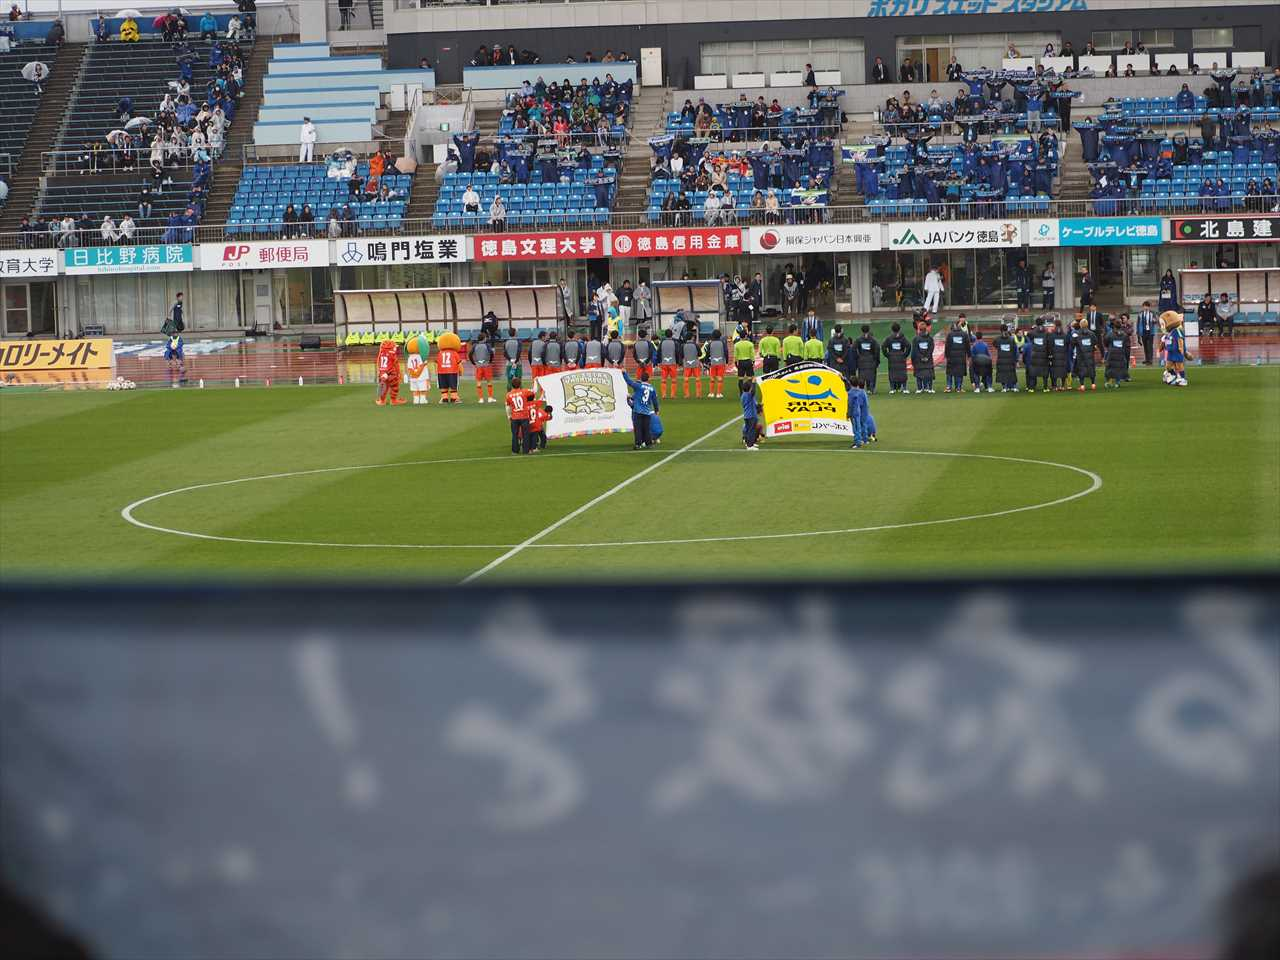 タオルマフラーを掲げる 四国ダービー2019 2019年4月14日 徳島ヴォルティス 愛媛FC